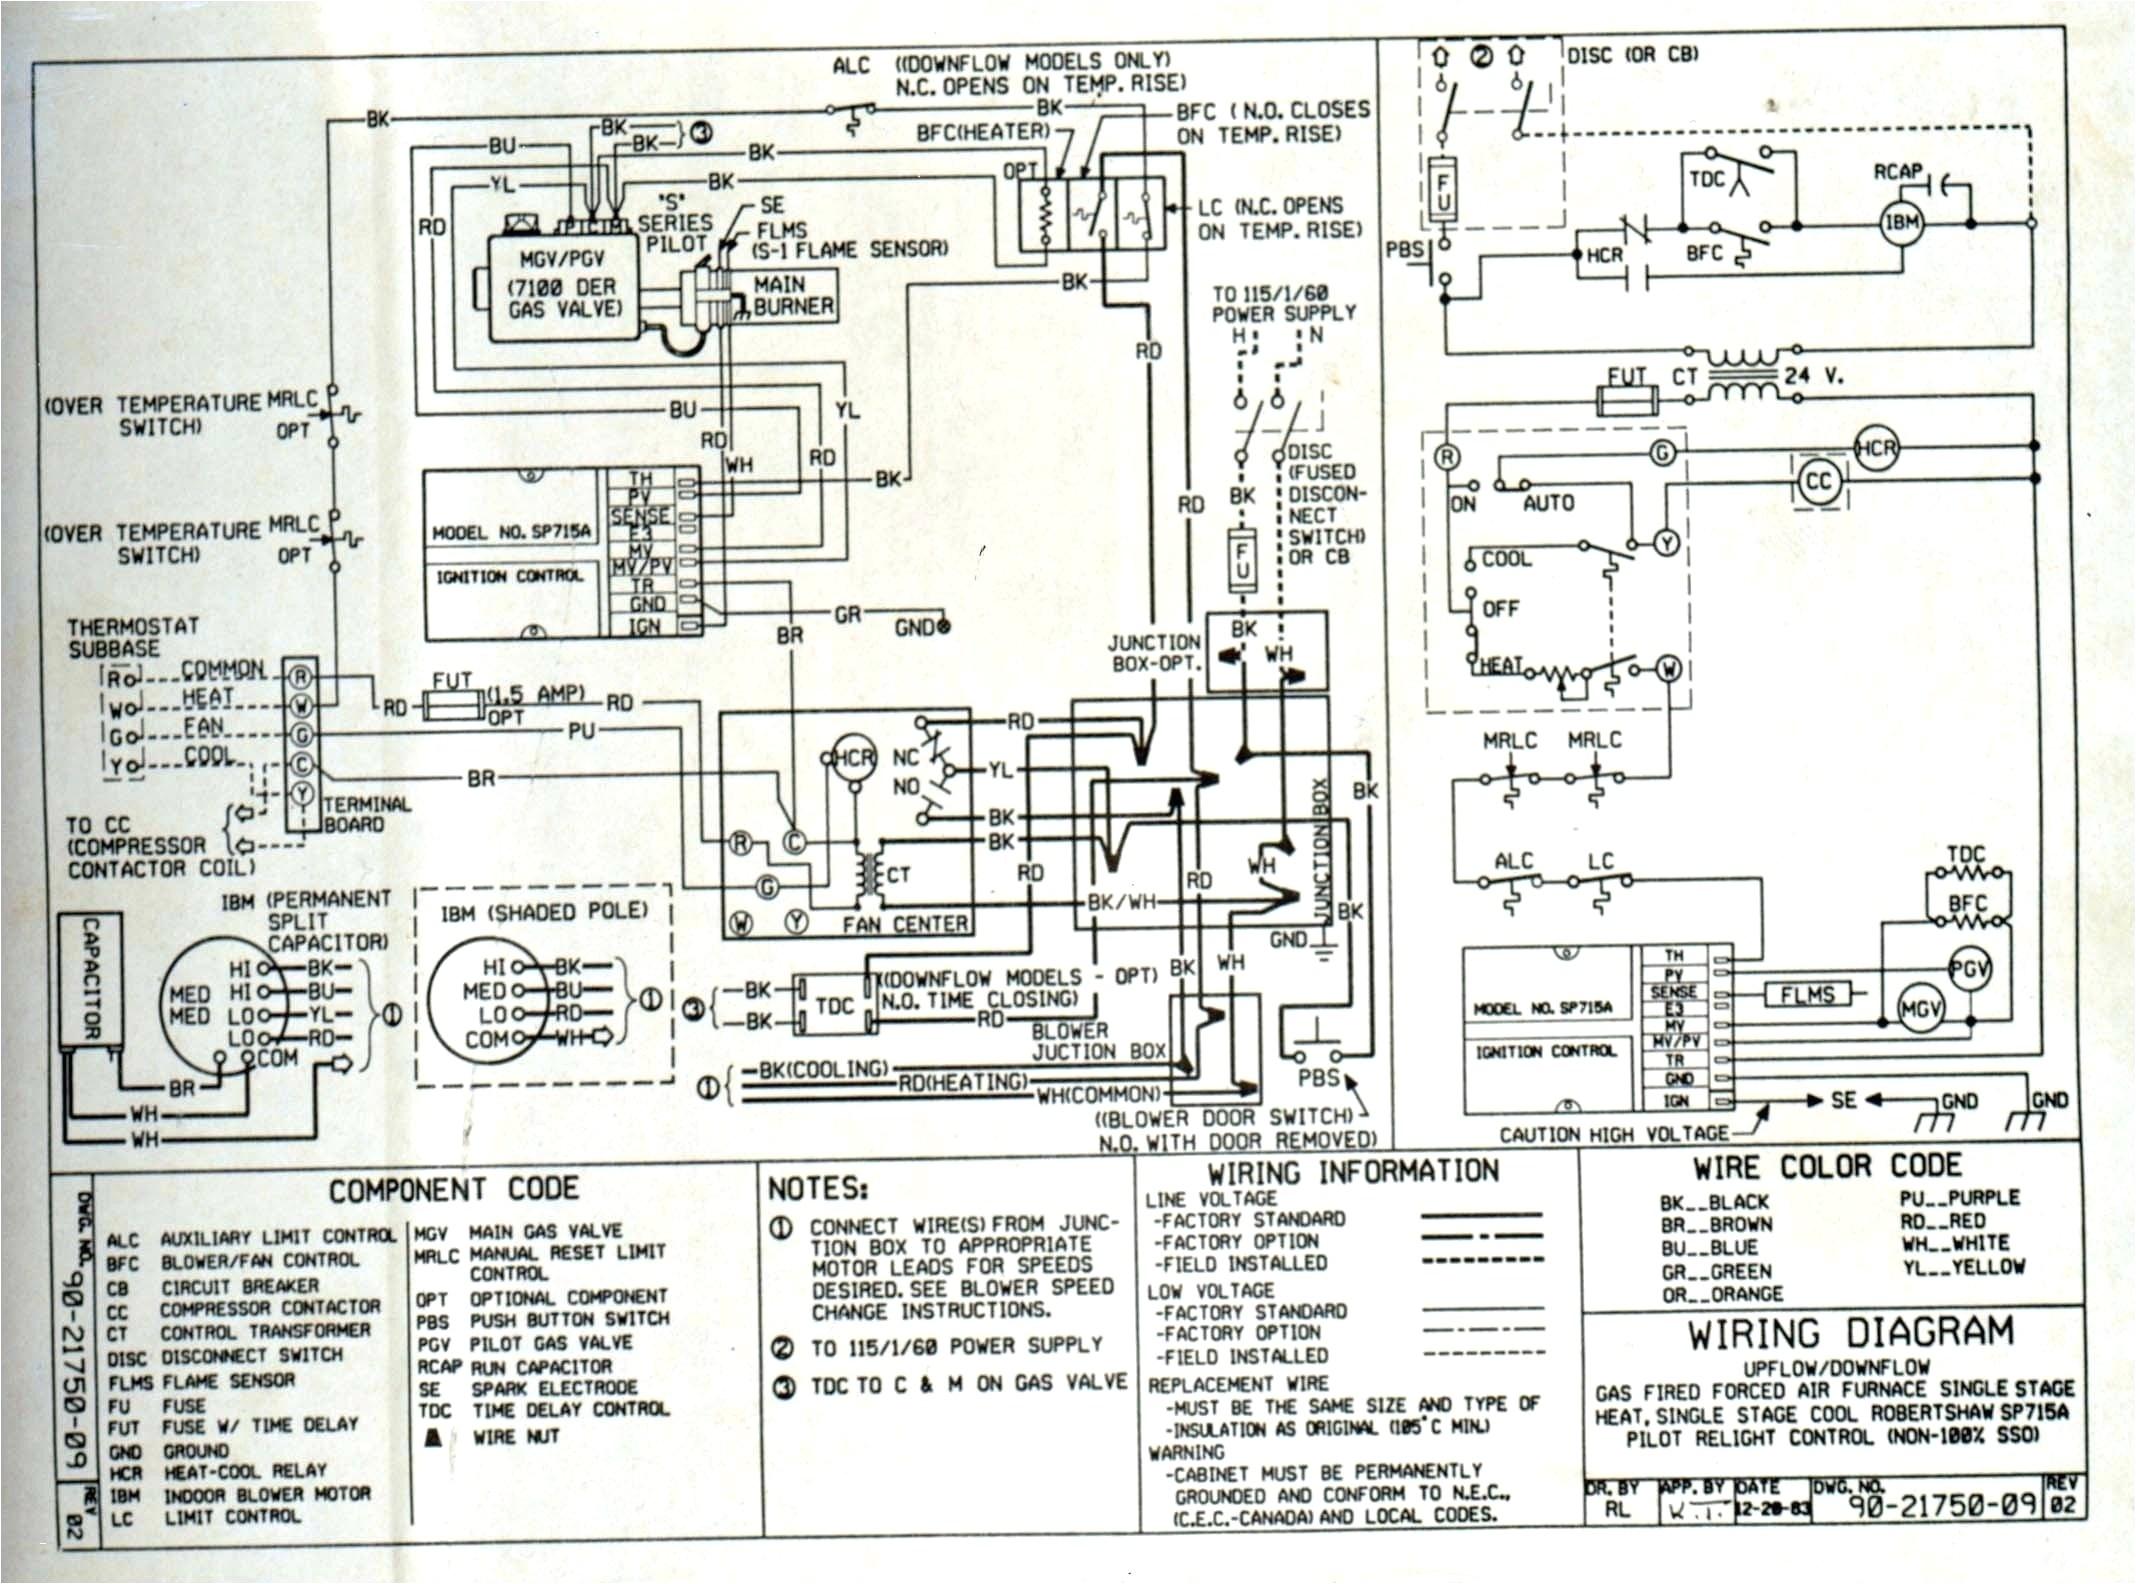 seachoice wiring diagram wiring diagrams favorites seachoice rocker switch wiring diagram seachoice wiring diagram